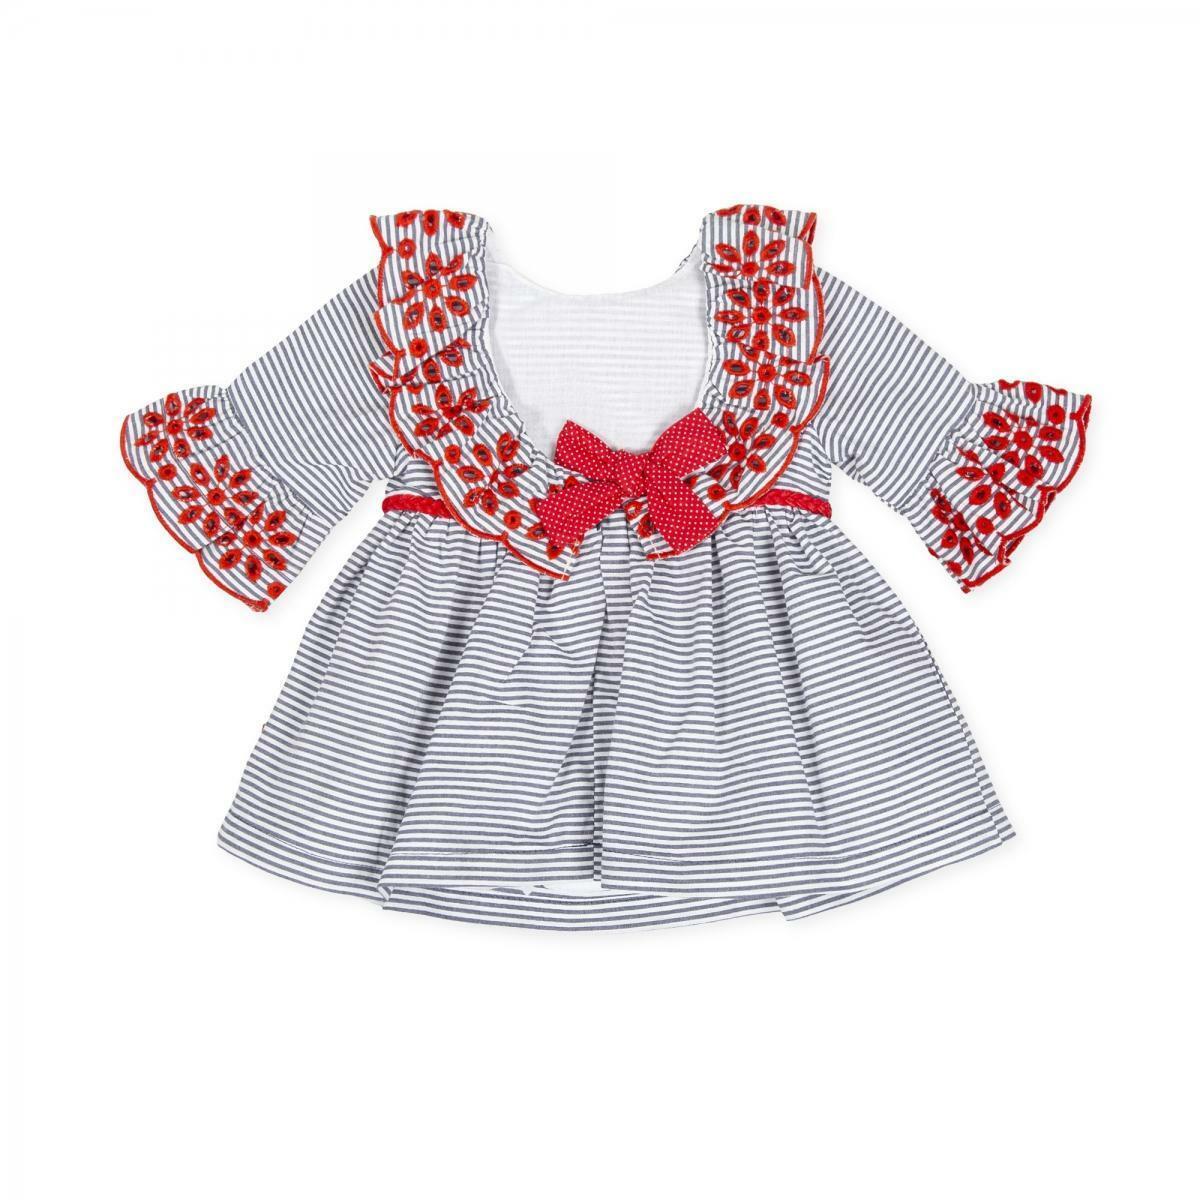 tutto piccolo tutto piccolo vestitino neonato blu 8243s20